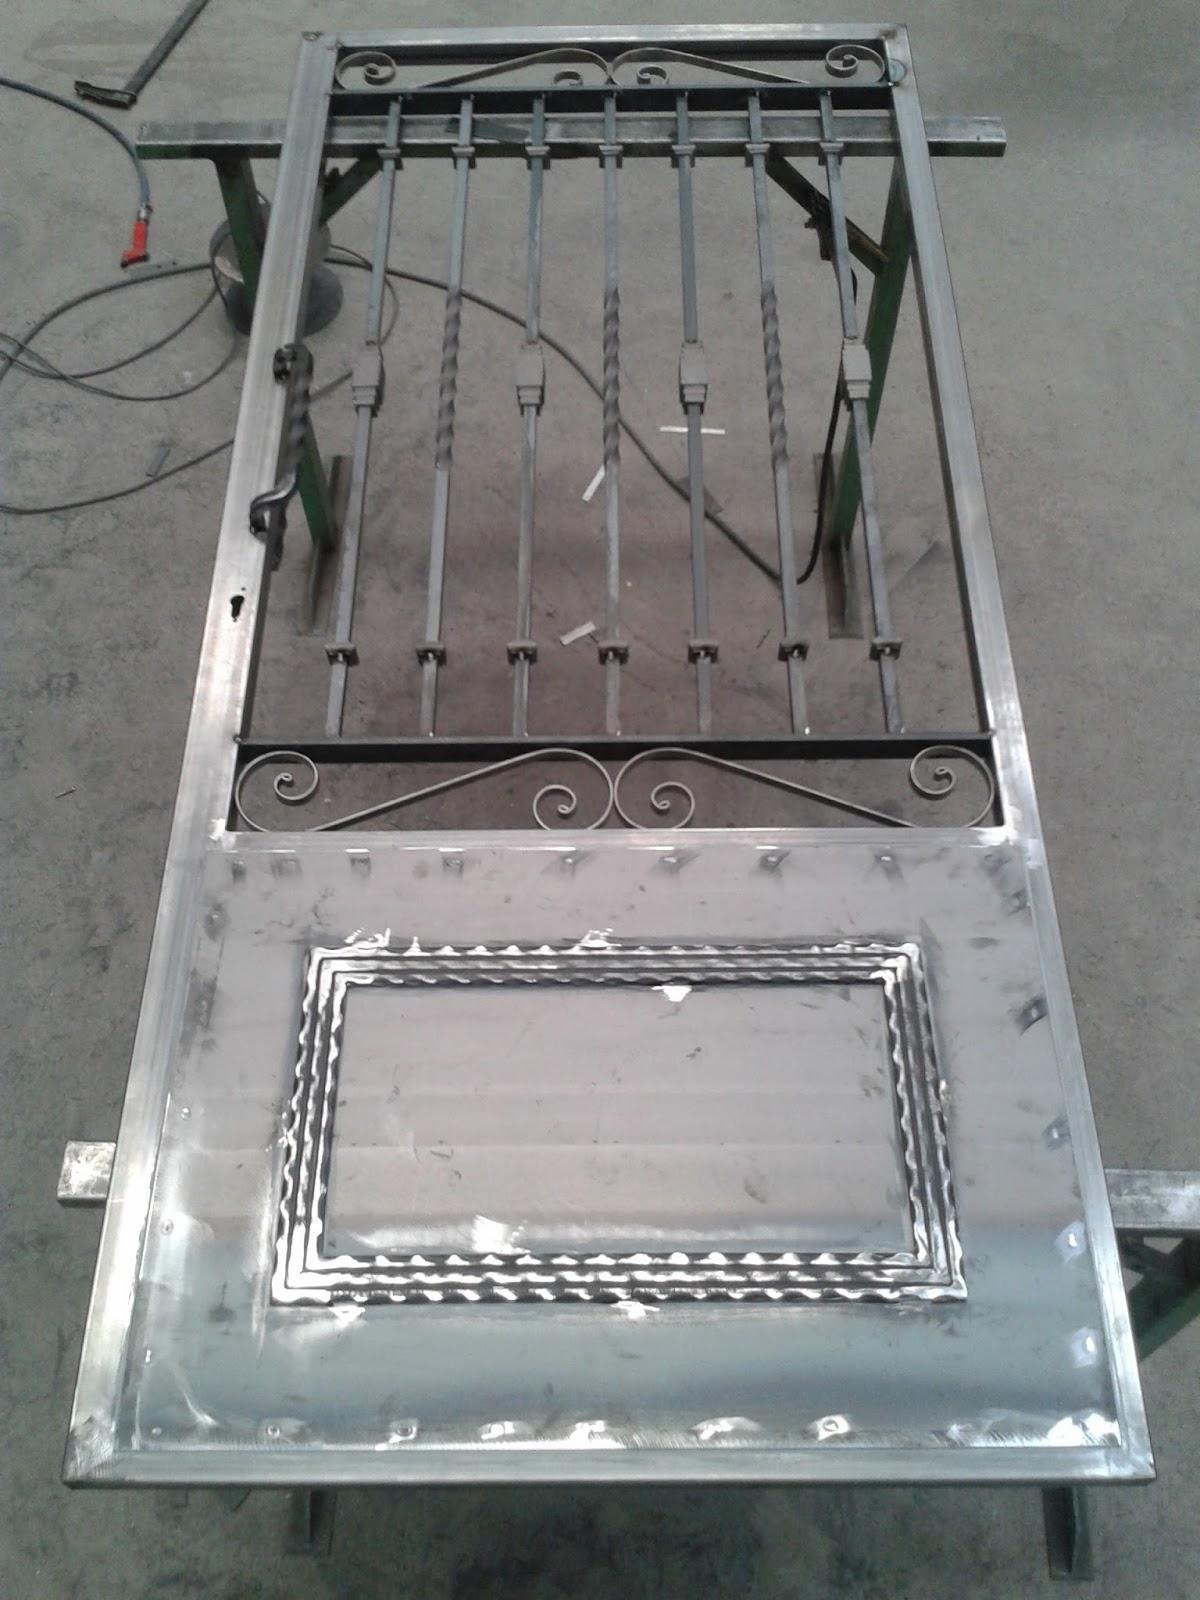 Metalicas anugar s c puertas modelos varios for Modelos puertas metalicas para casas